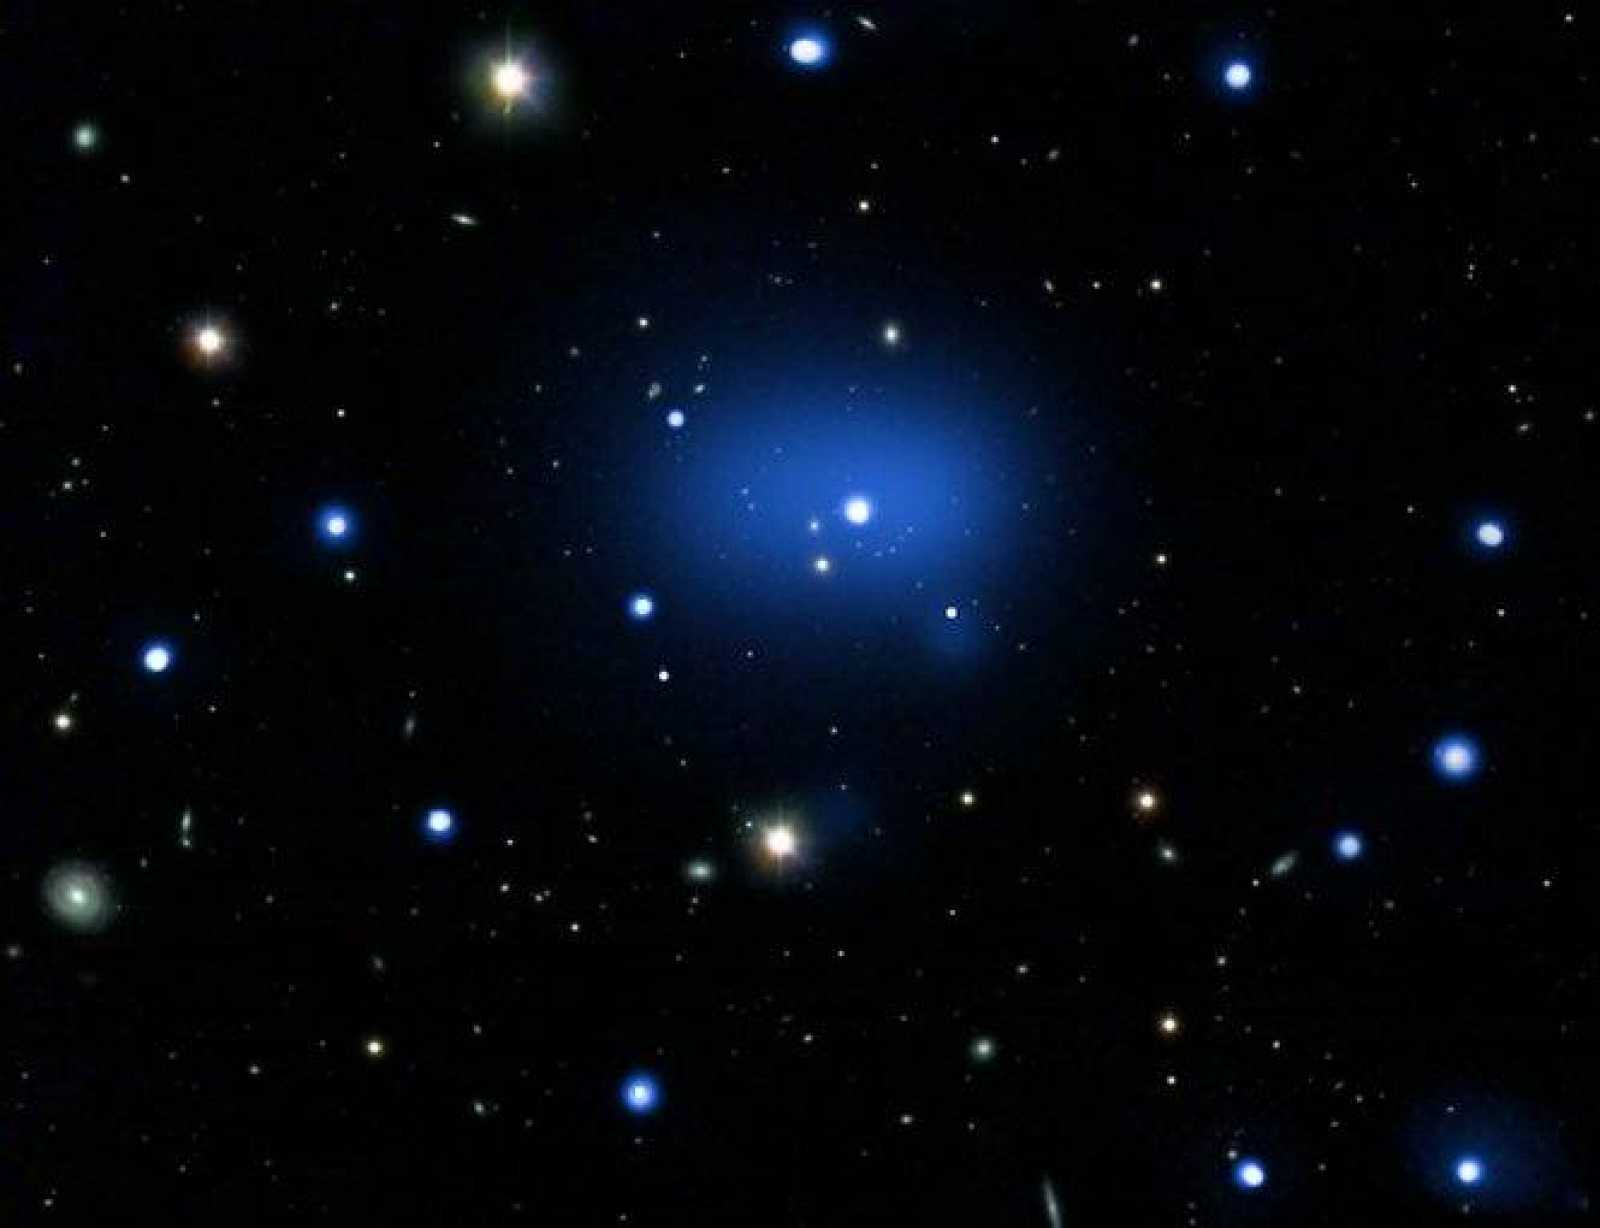 La agrupación de galaxias, conocida como JKCS041, bate el anterior record de distancia en alrededor de mil millones de años luz.